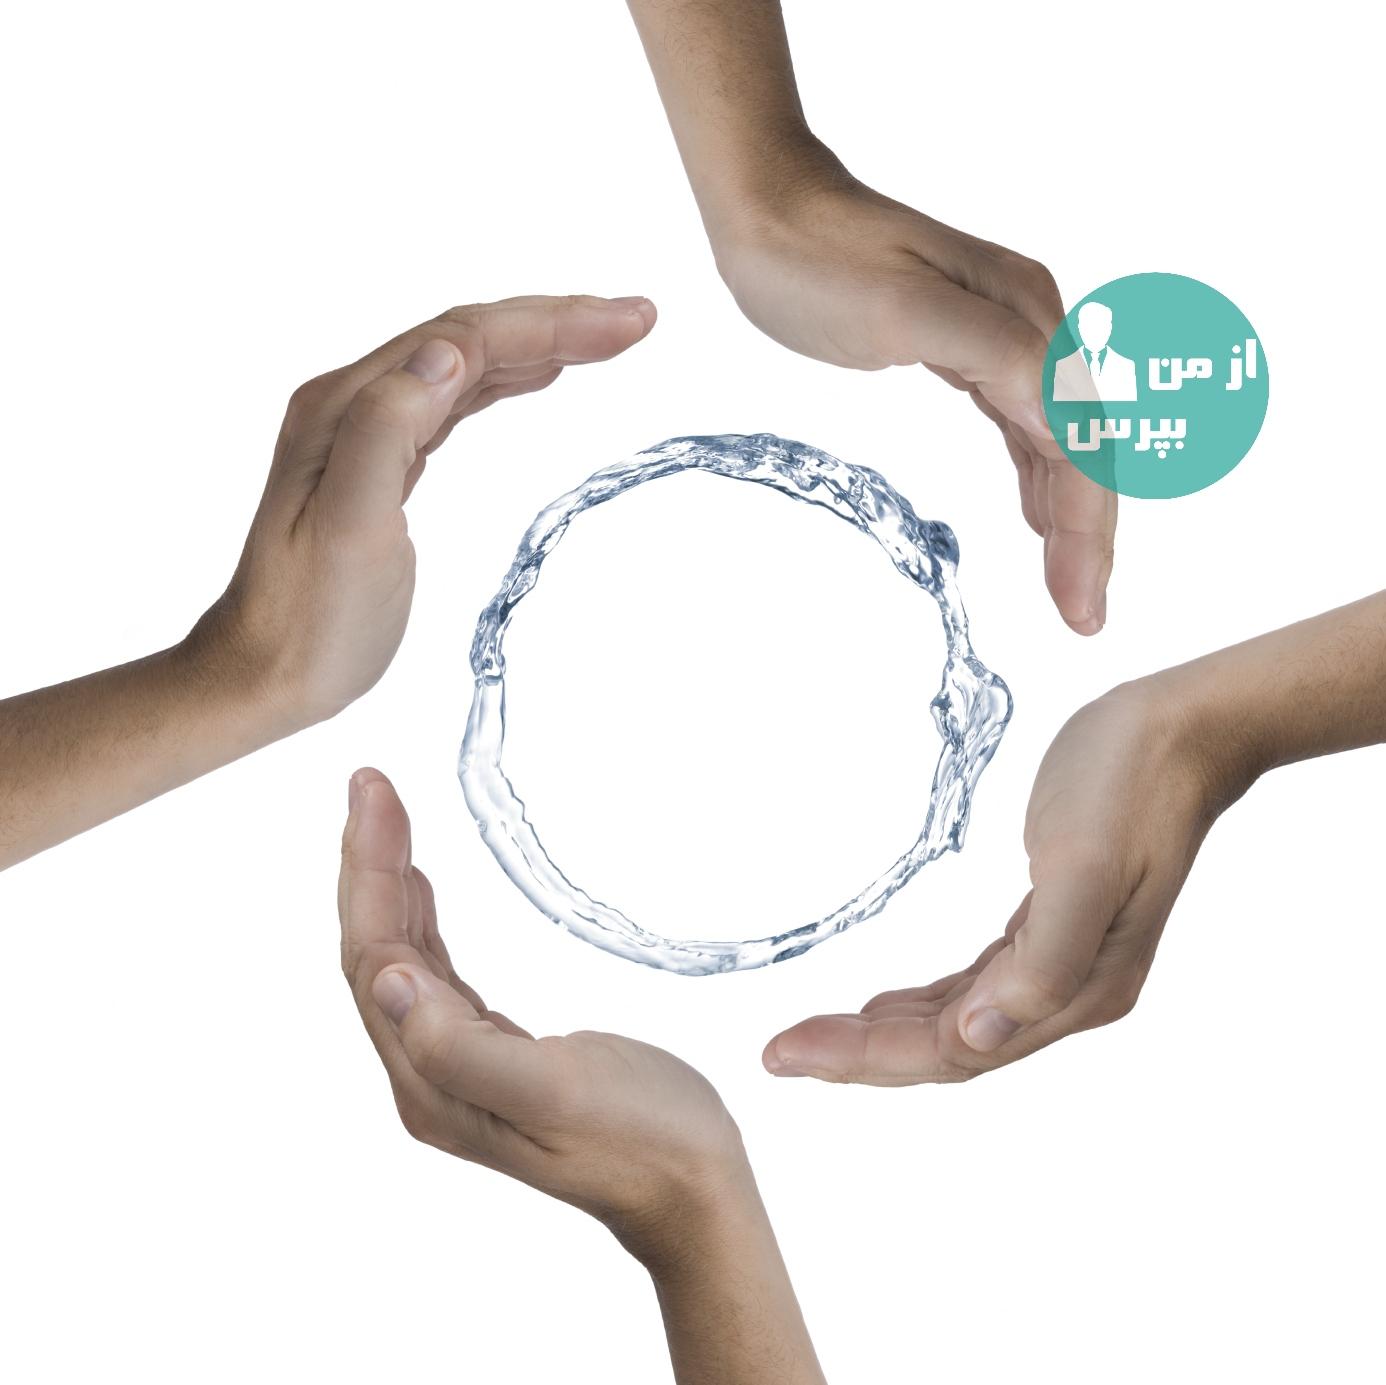 راه های صرفه جویی آب